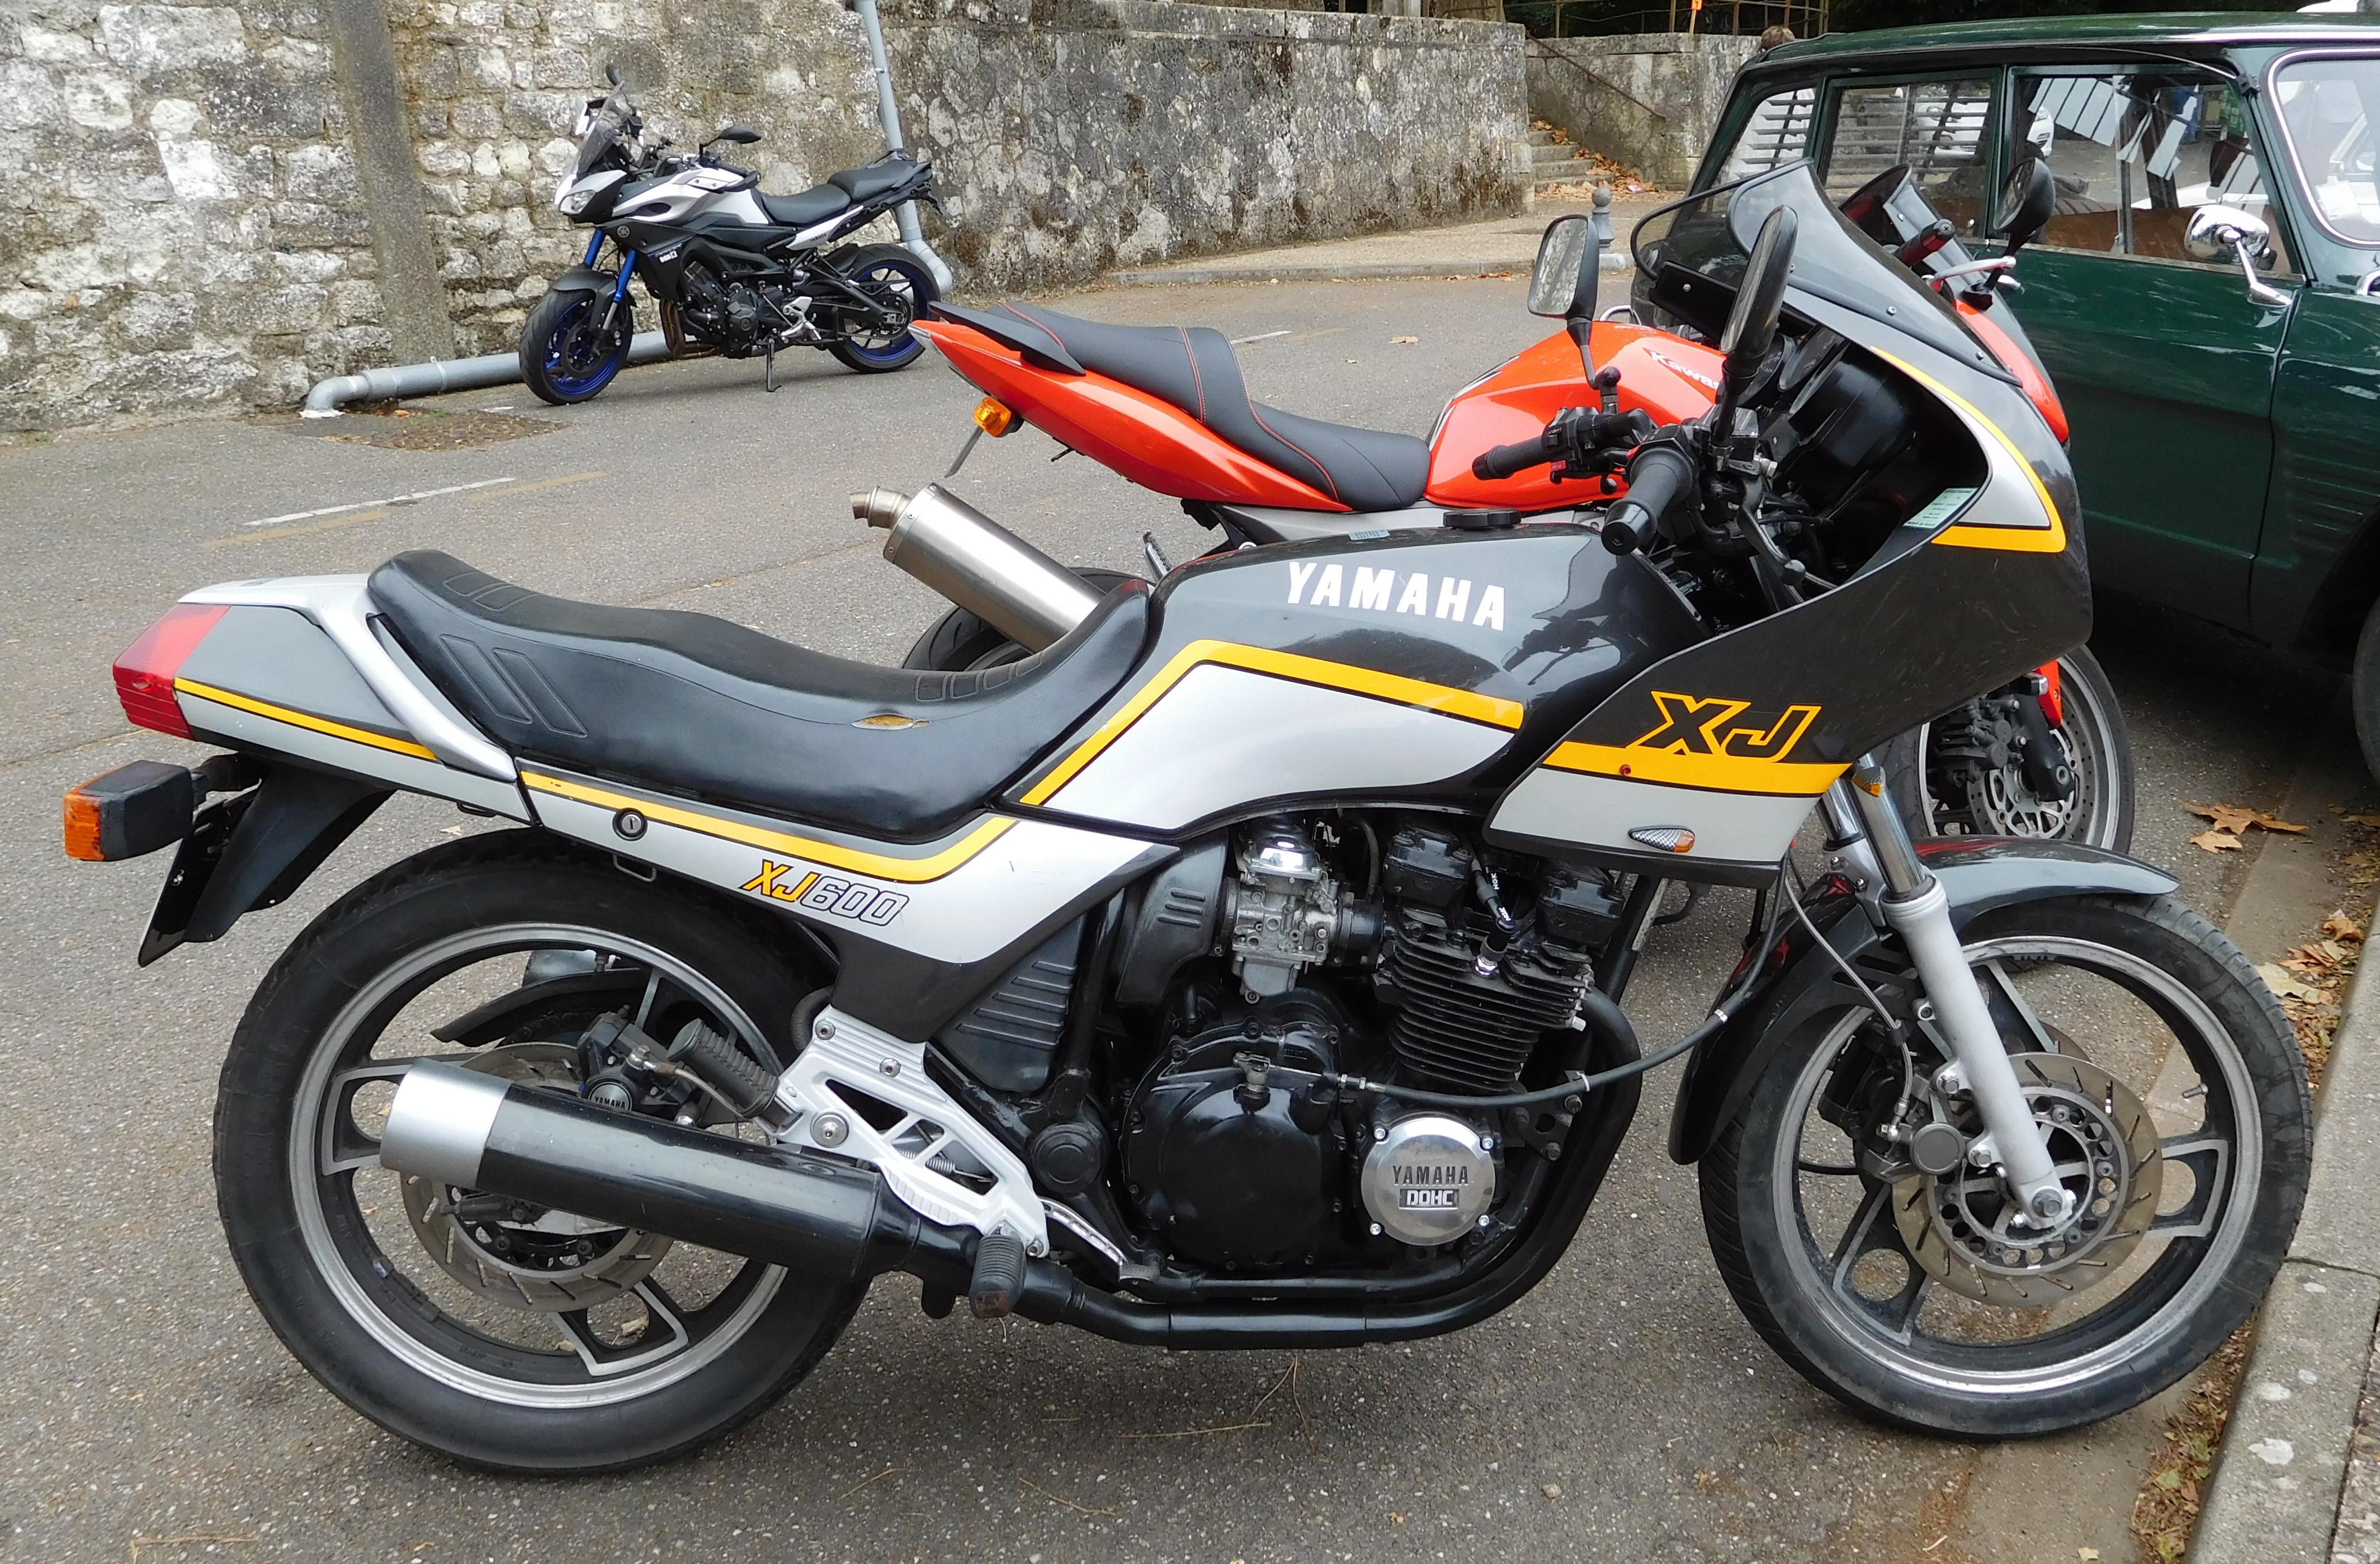 File:Yamaha XJ 600, right view.jpg - Wikimedia Commons